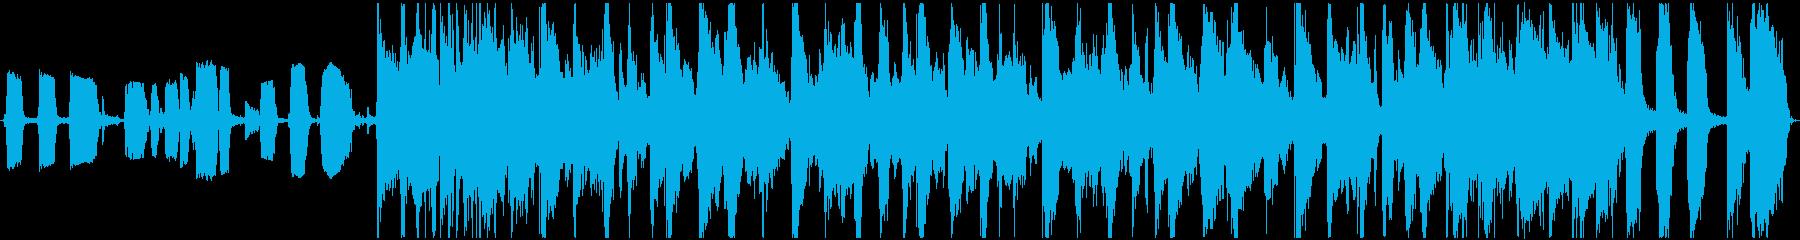 スモーキーな四つ打ちファンクの再生済みの波形